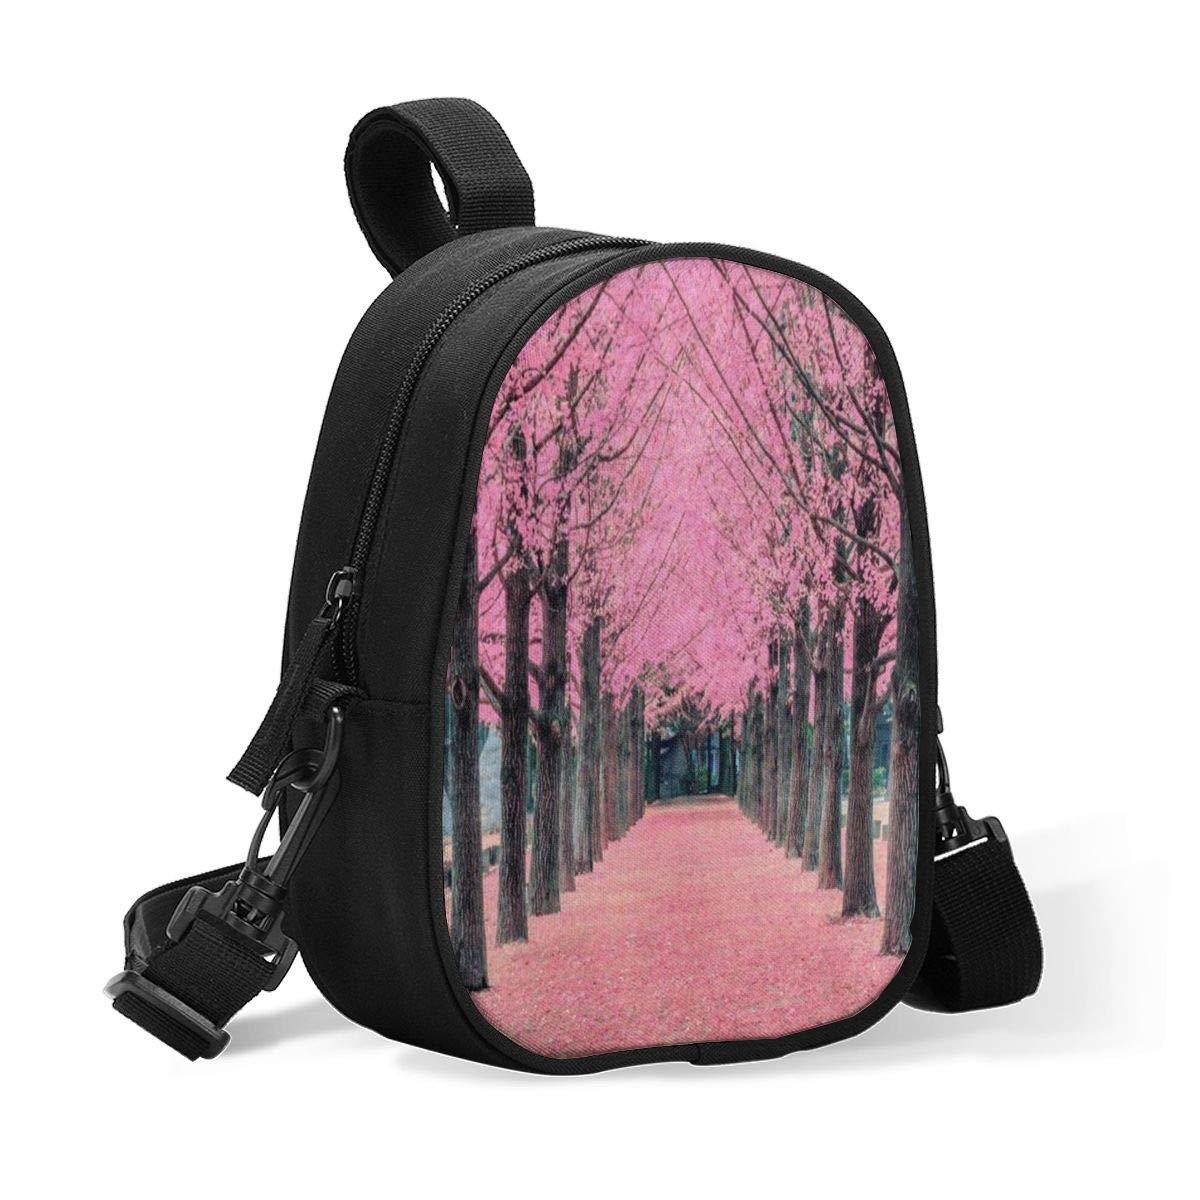 Breastmilk Cooler Bag Insulated Baby Bottle Bag Pink Cherry Blossom Sakura Flower Tree Reusable Baby Bottle Warmer Tote Bag Handbag Lunch Bag Box for 2 Large Bottles for Nursing Mom, Stroller